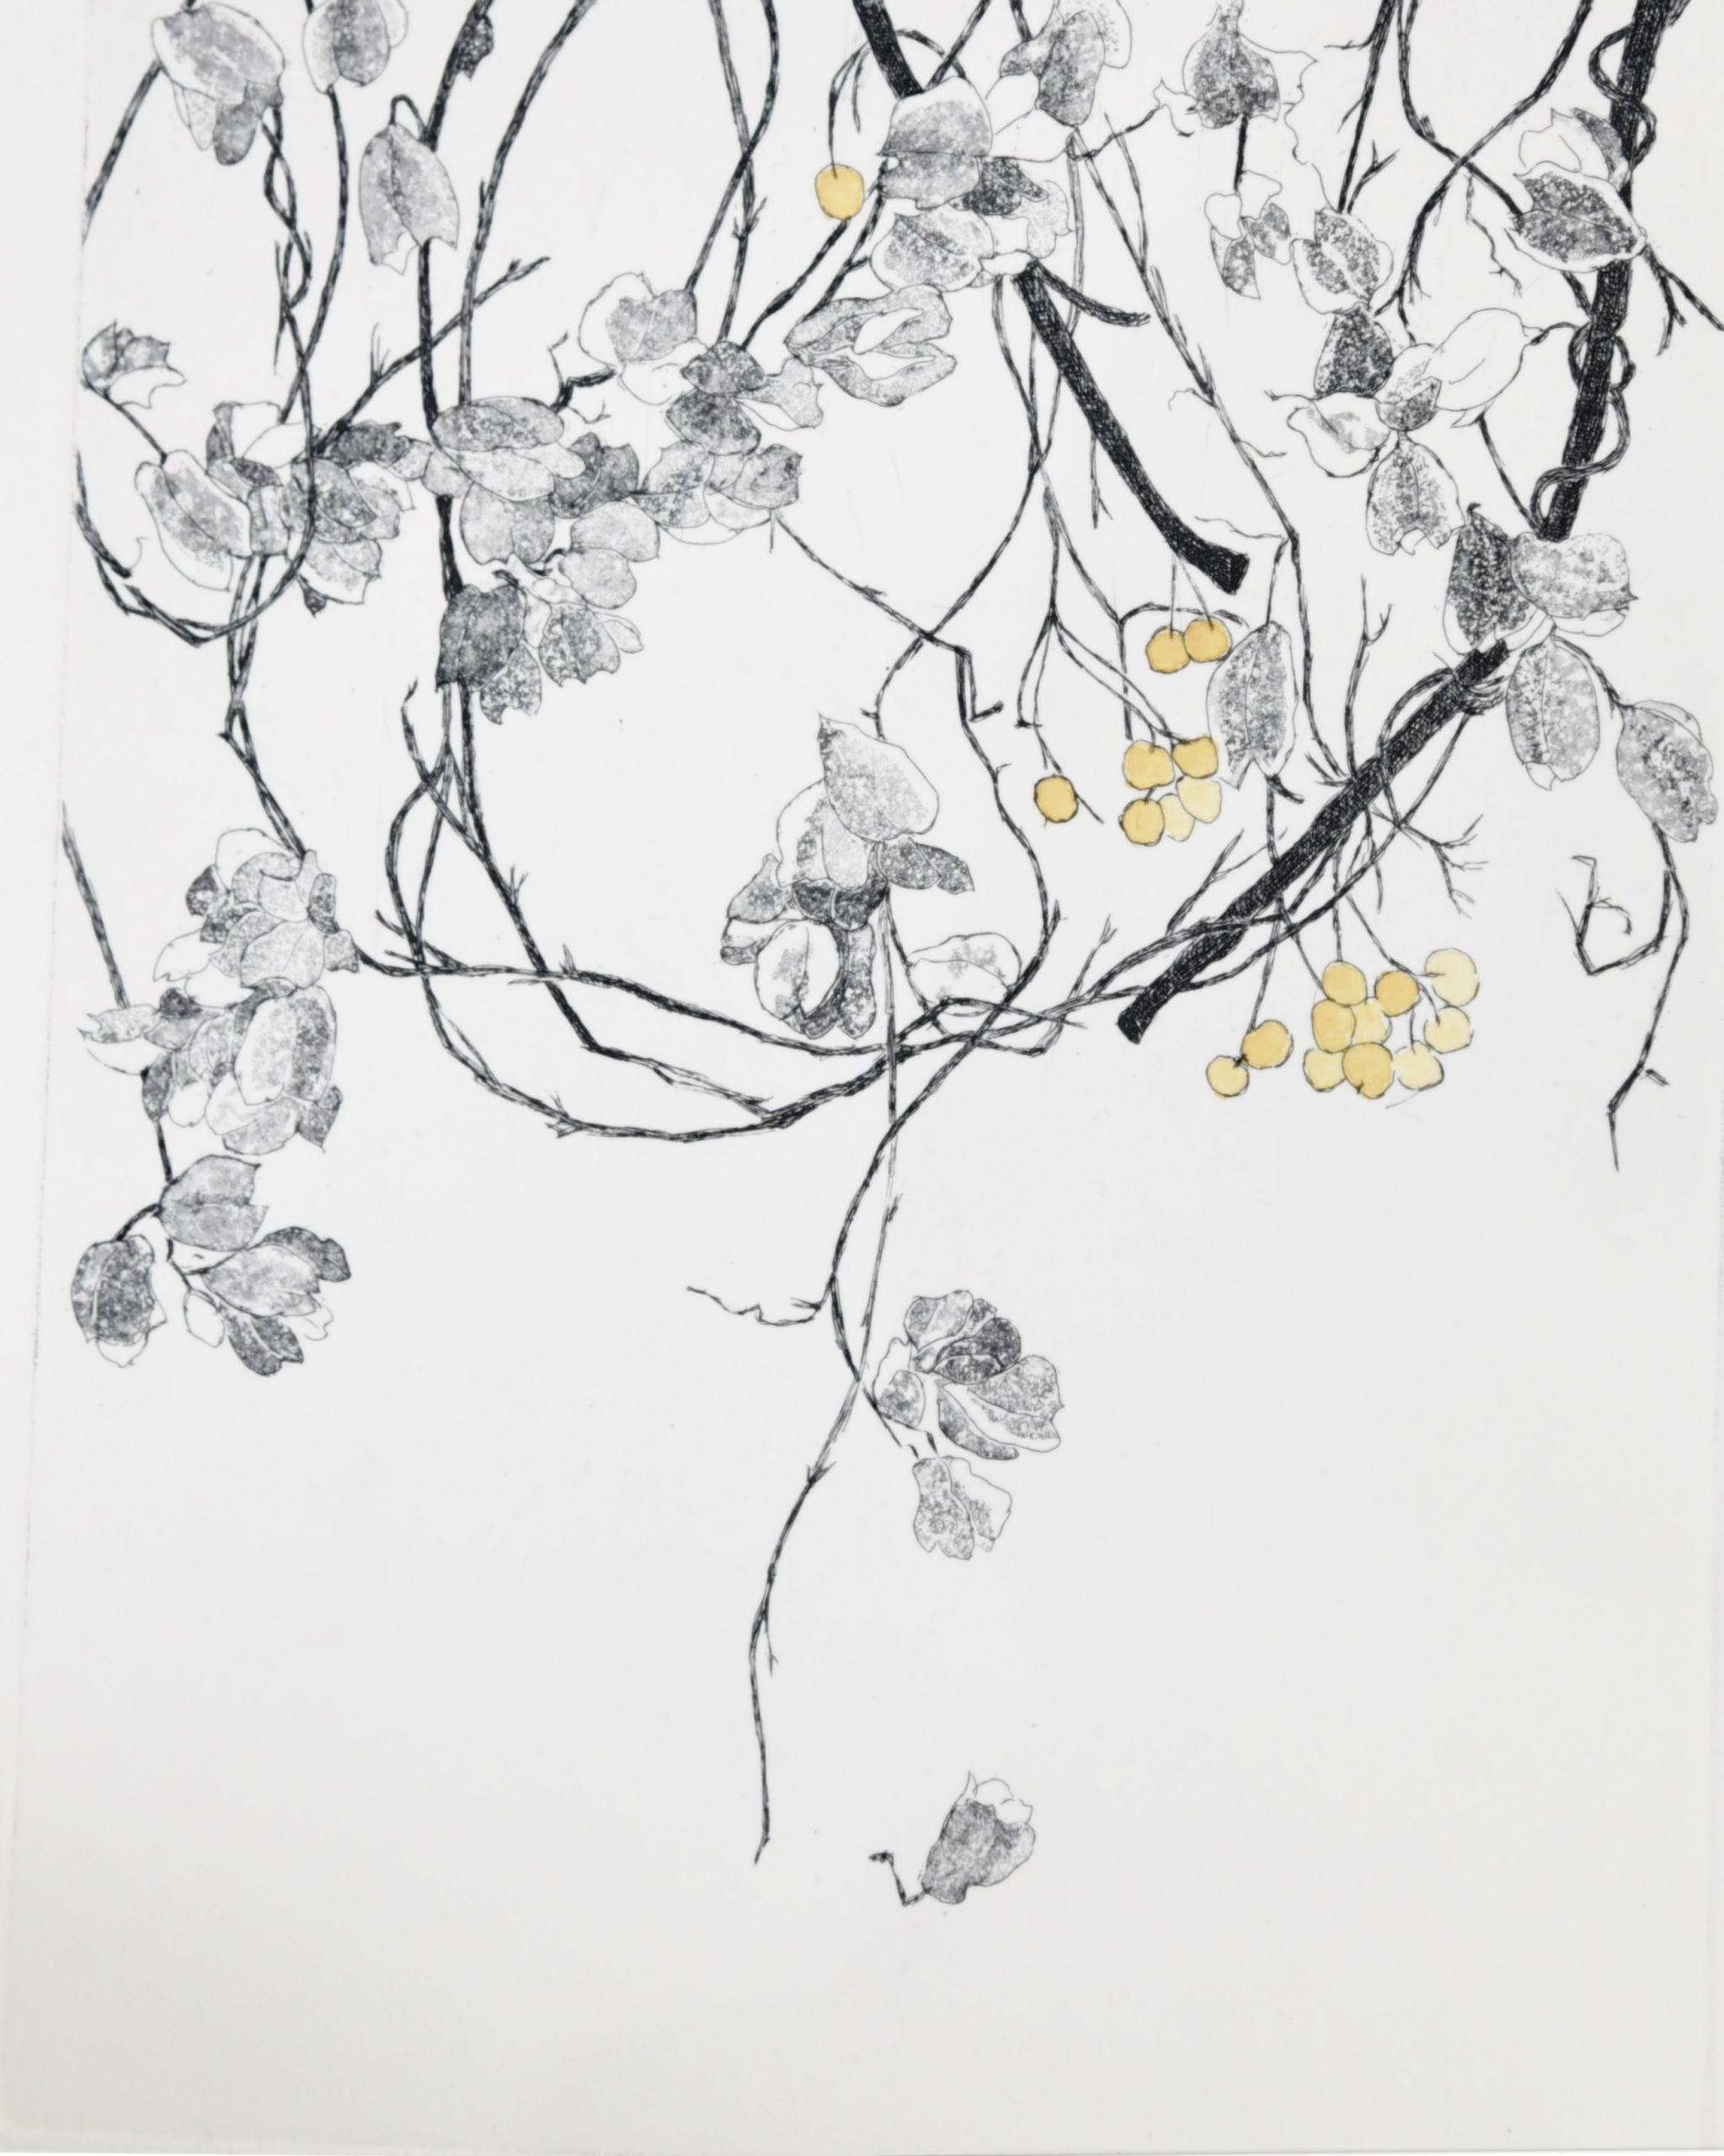 SHIROTA Tsuneko Σπόρος ΙΙΙ Μεικτή τεχνική 22,5x17,5εκ.